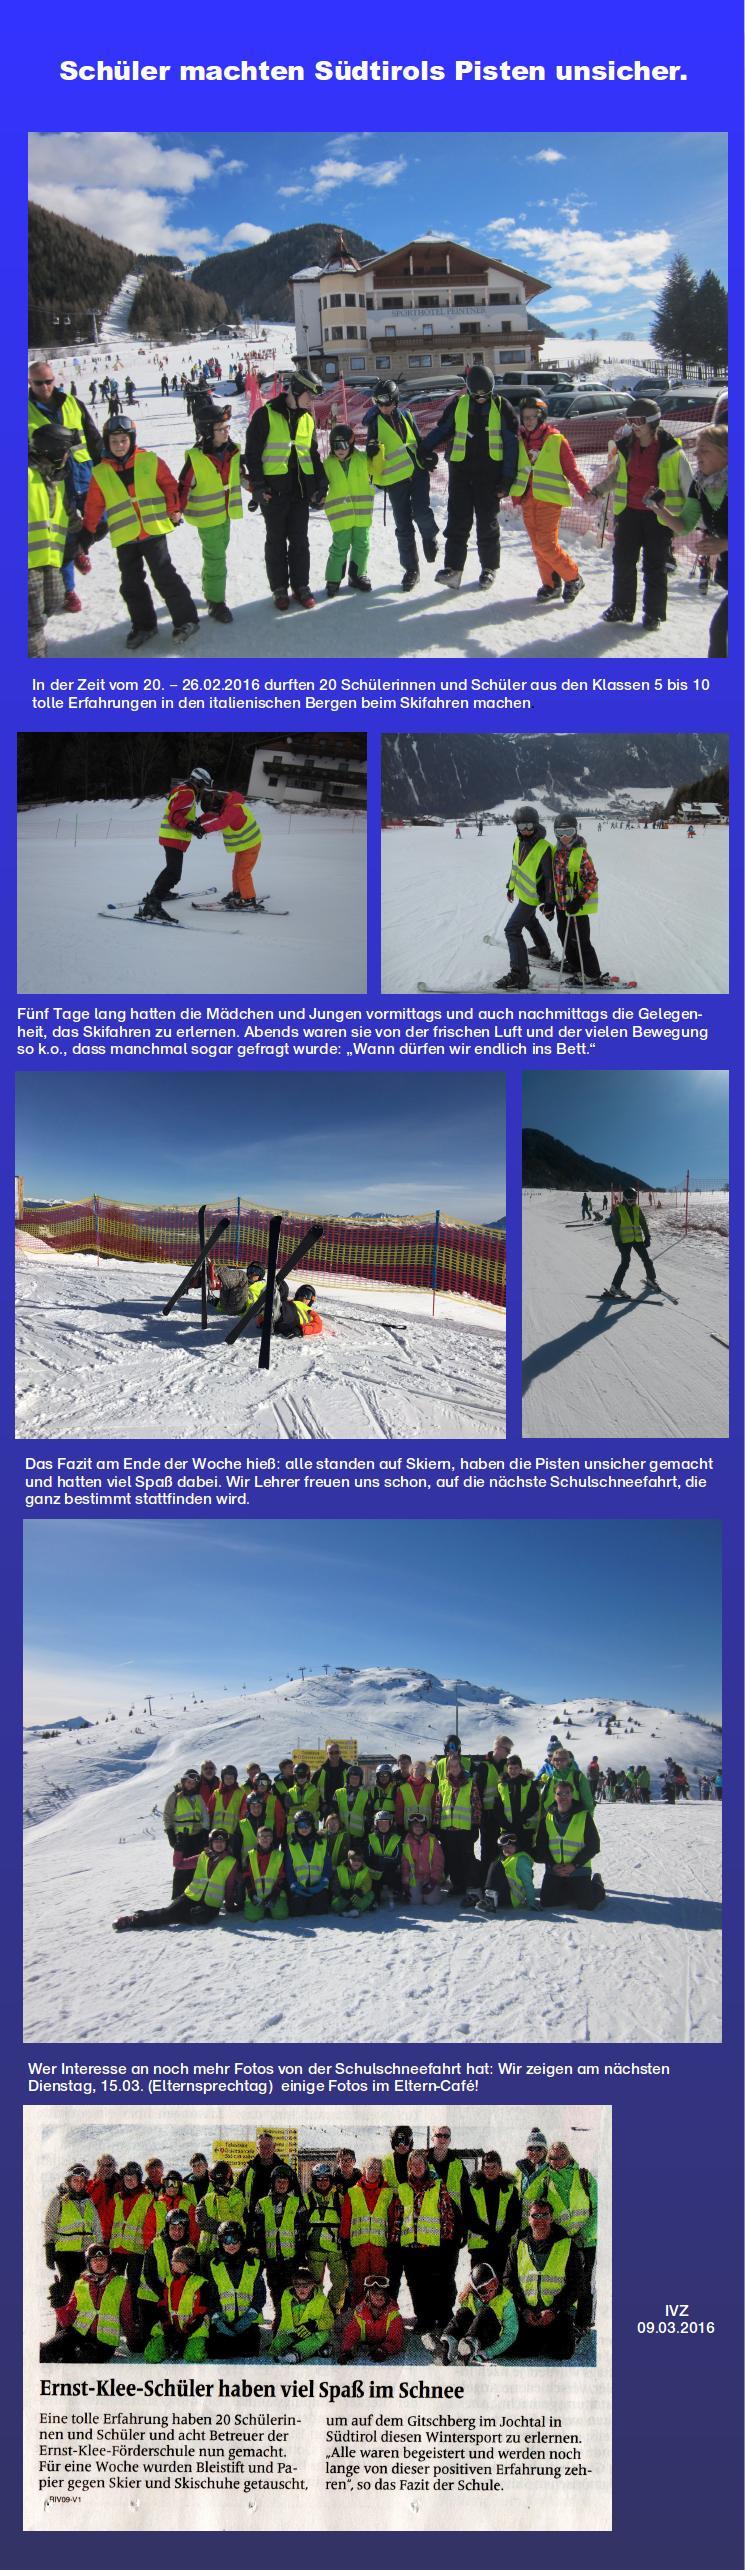 Schneesport 2016